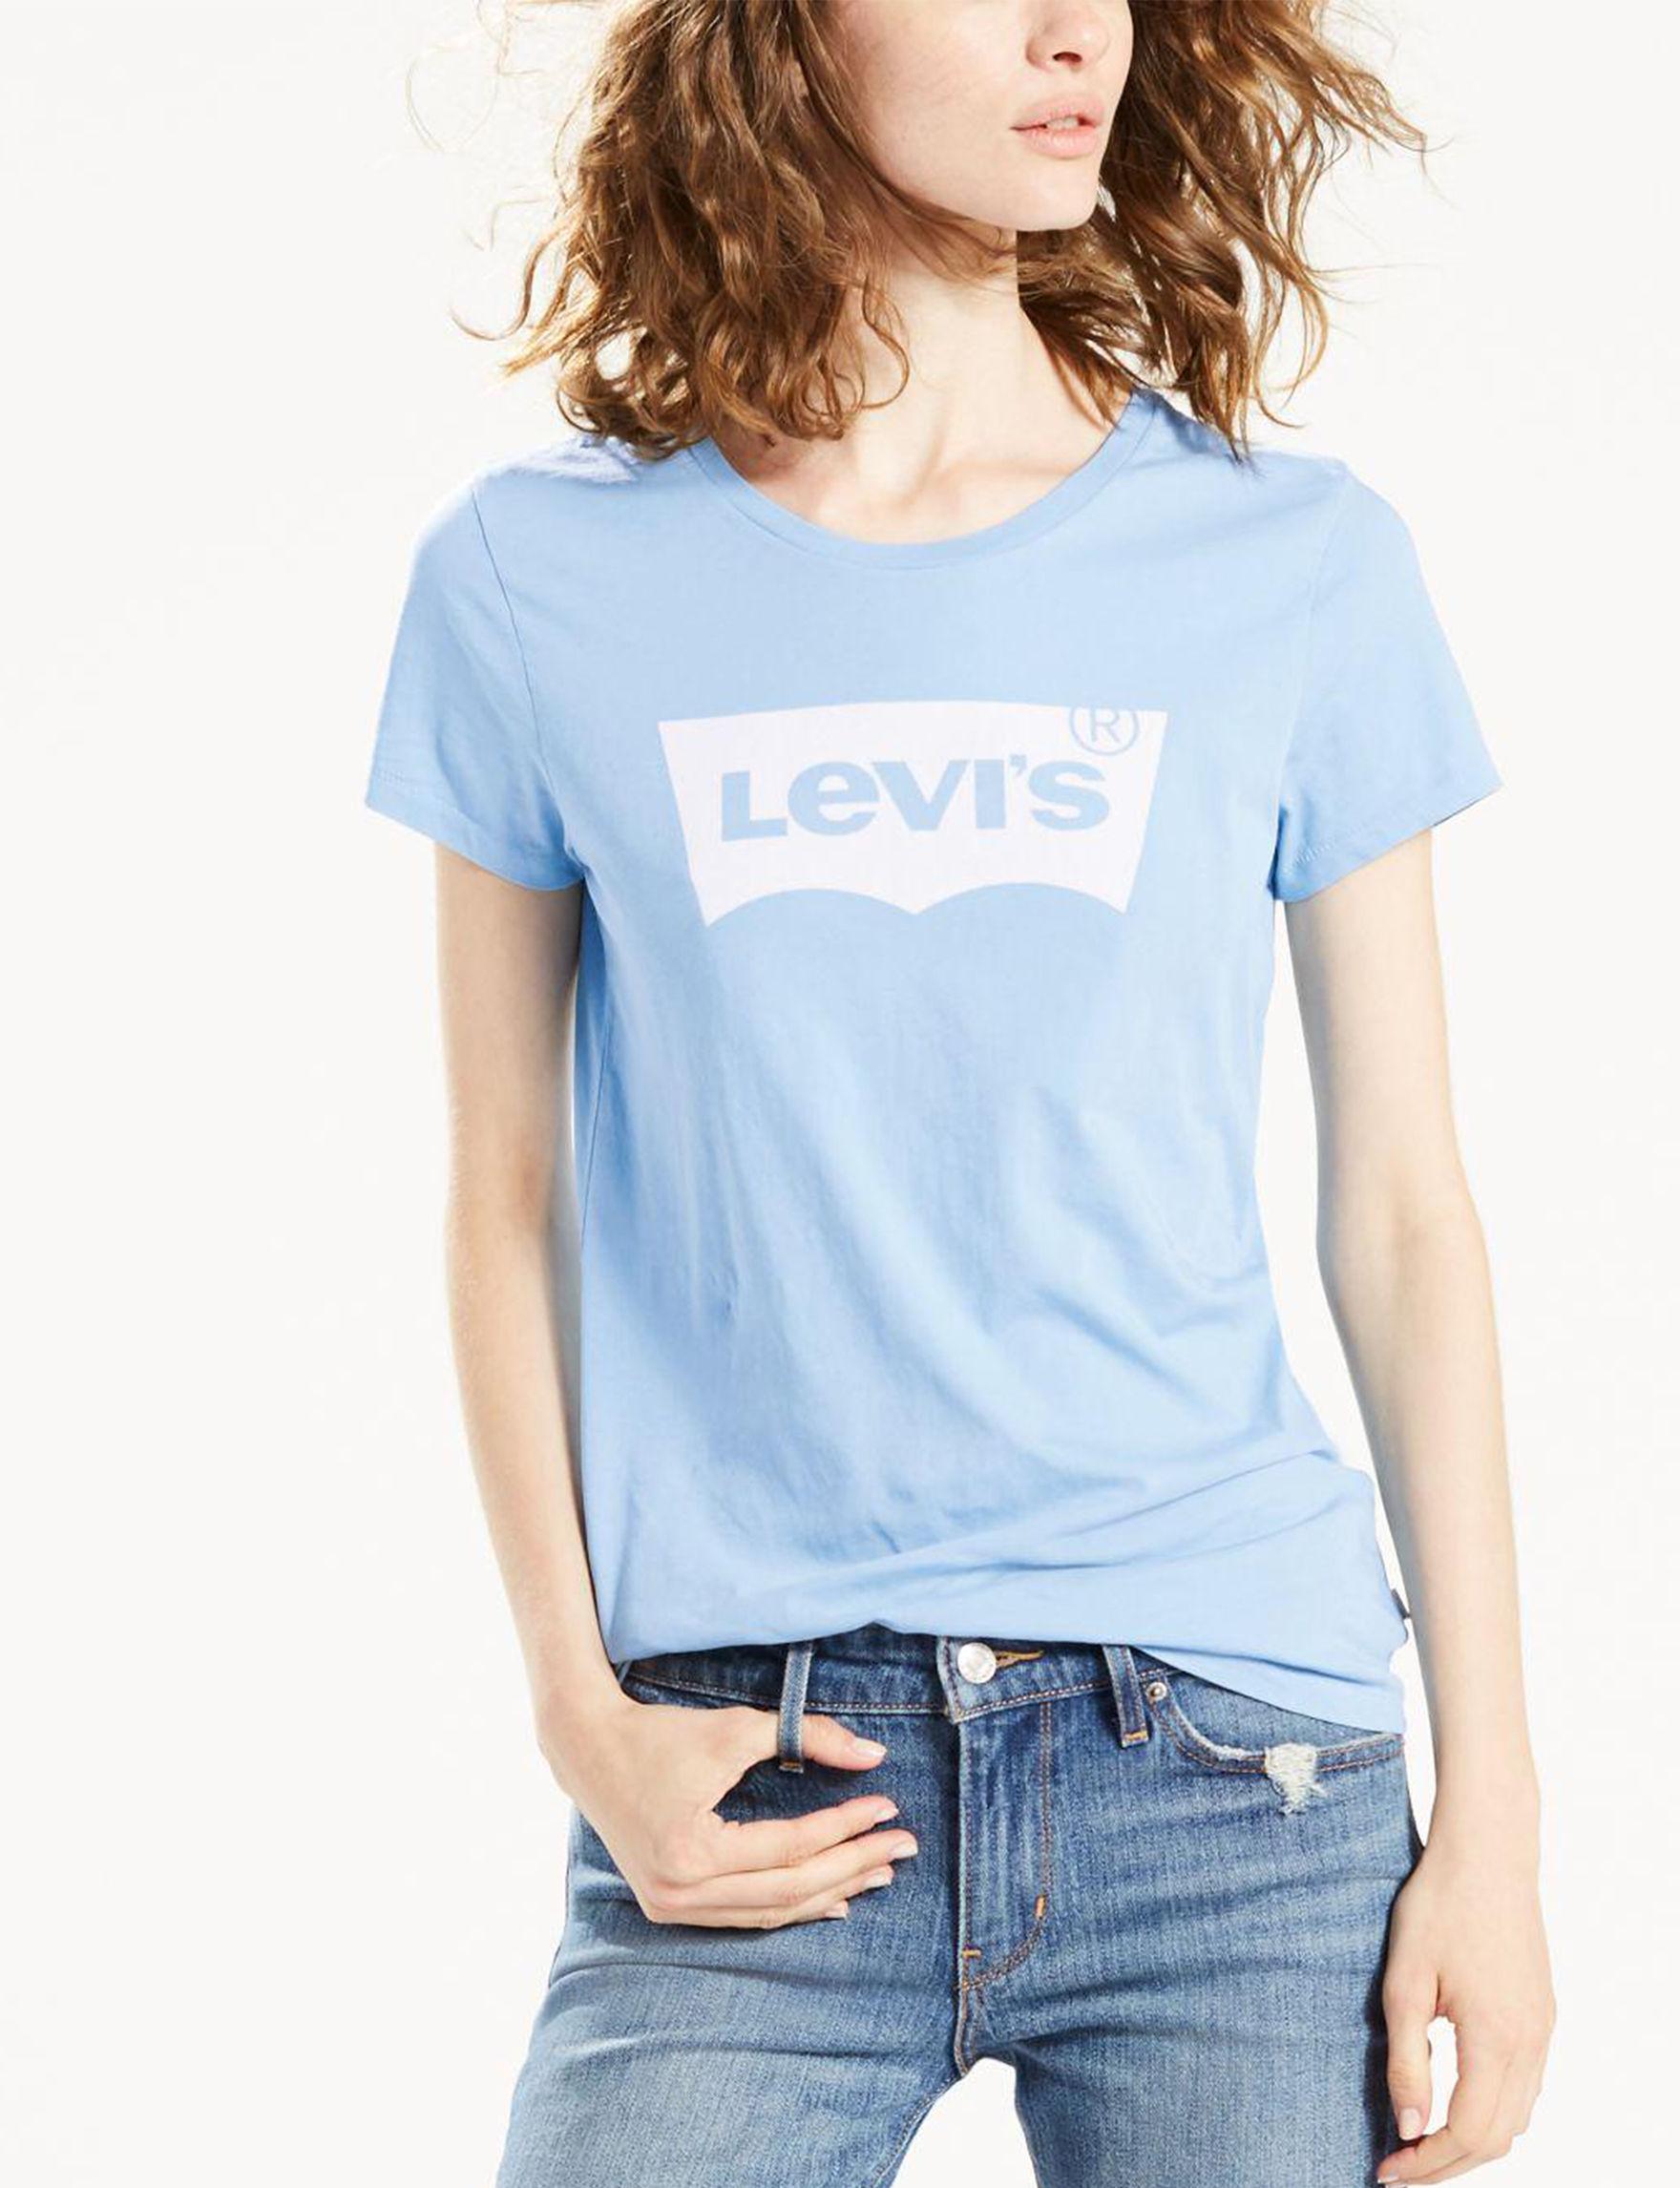 Levi's Light Blue Tees & Tanks